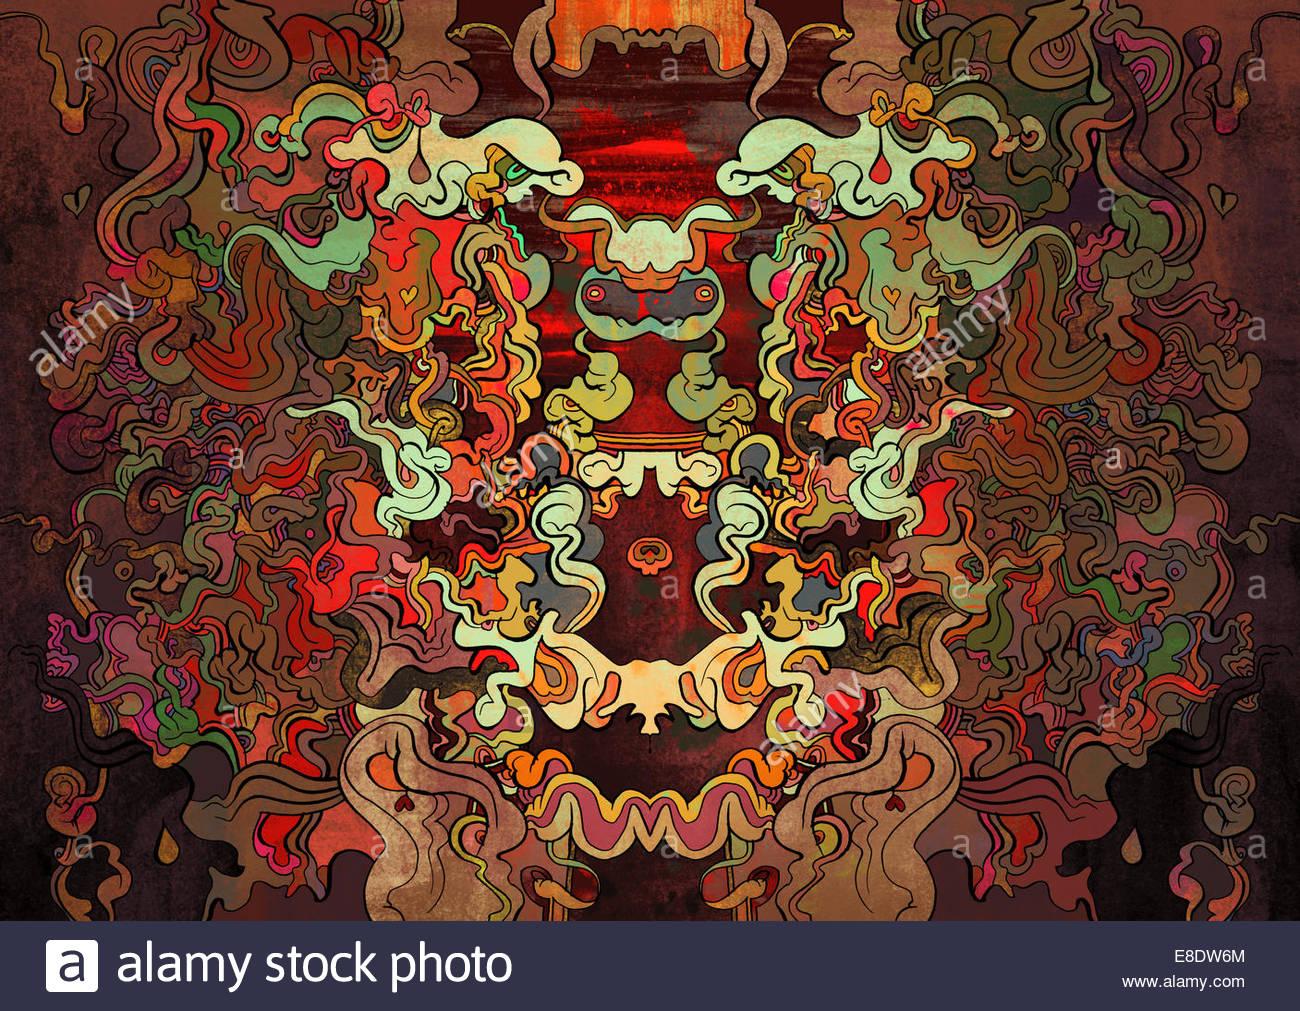 Resumen red enmarañada squiggle patrón simétrico Imagen De Stock